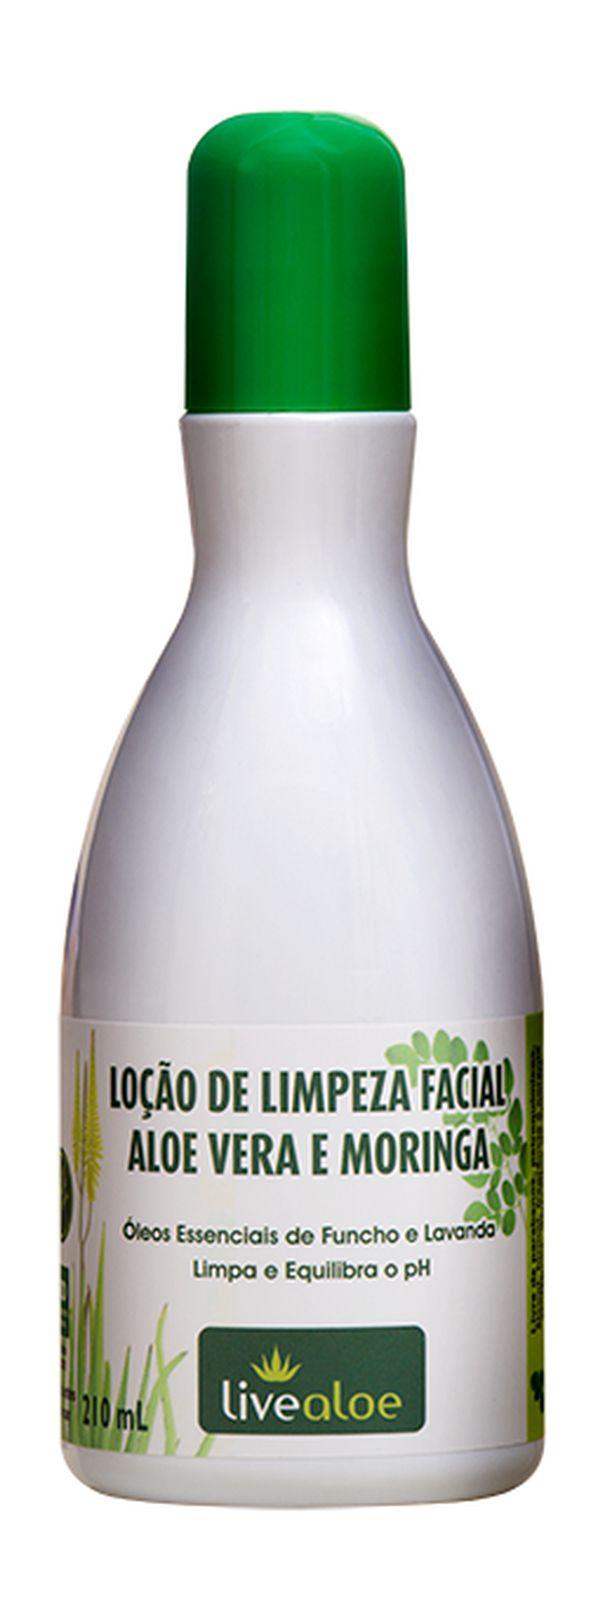 Loção de Limpeza Facial Aloe e Moringa Livealoe - 210ml